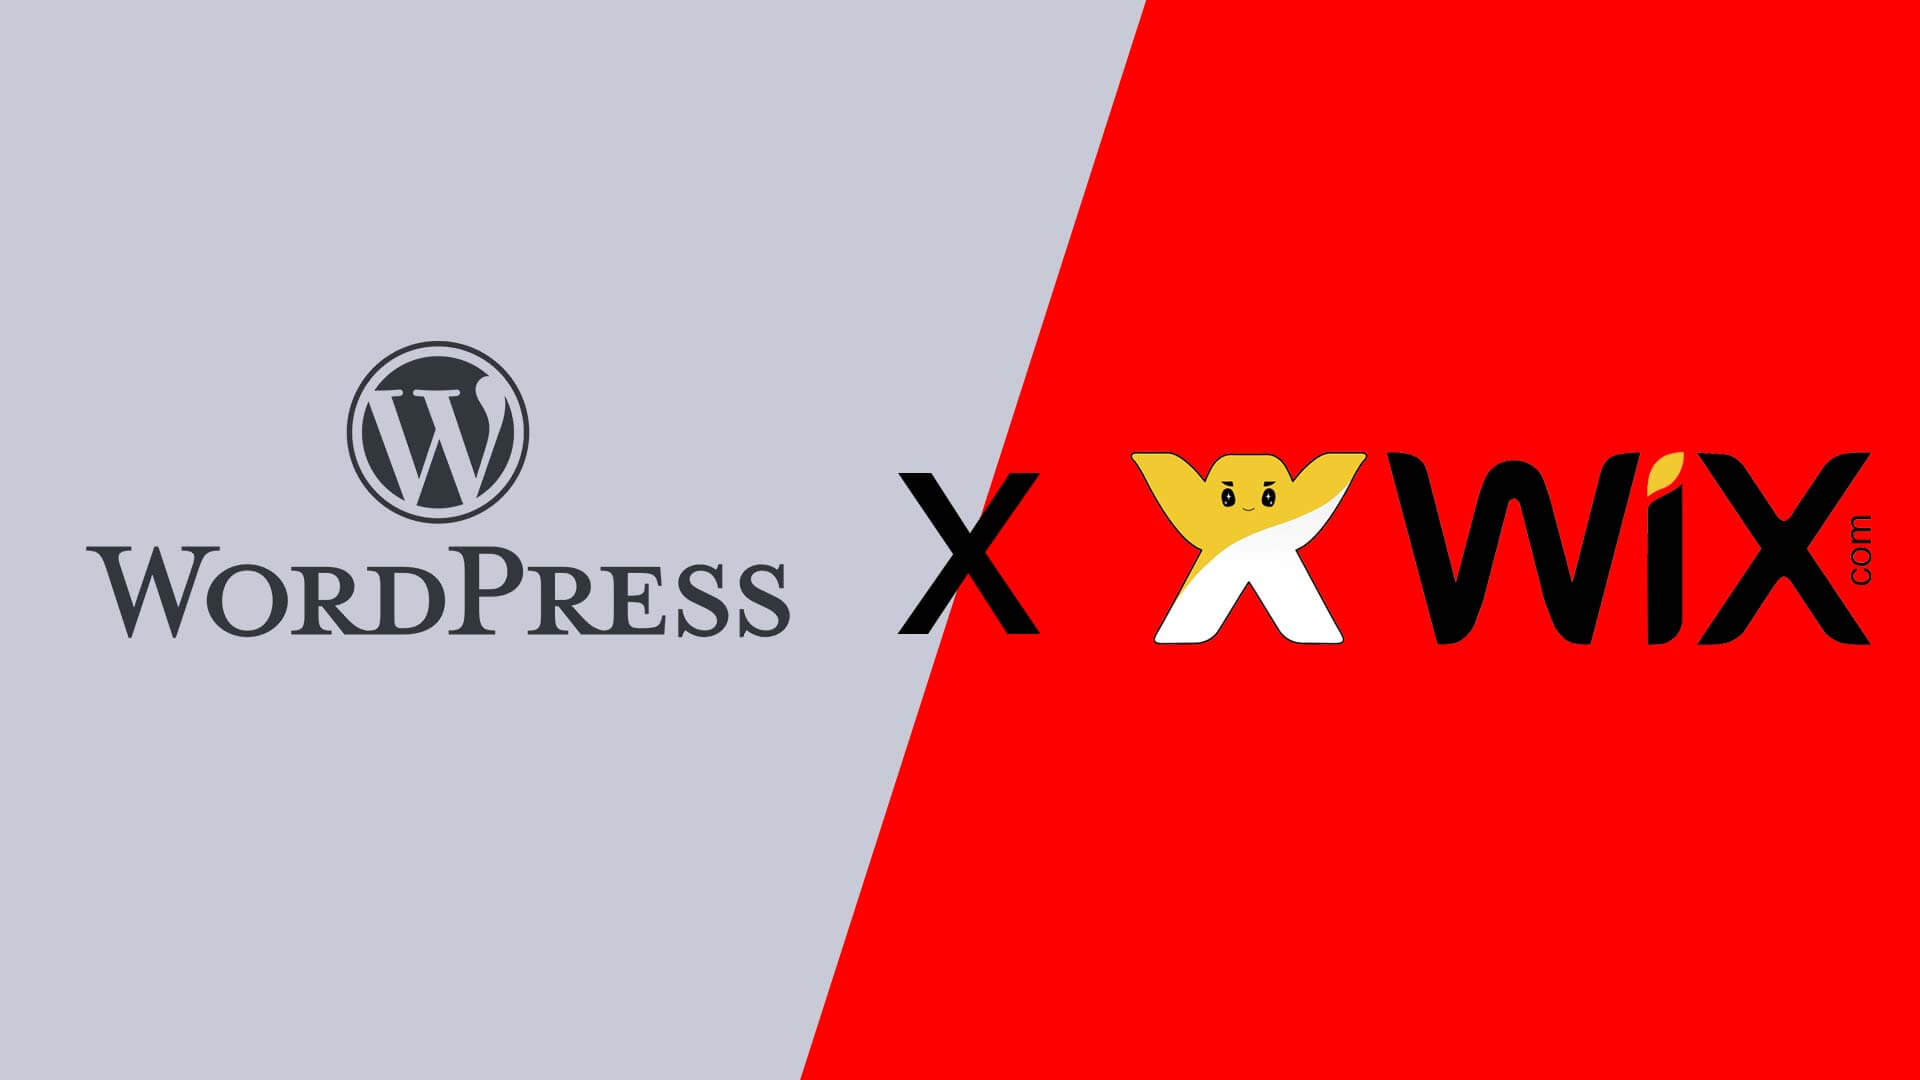 wirxwordpress - WordPress ou Wix? Saiba qual o melhor pra você